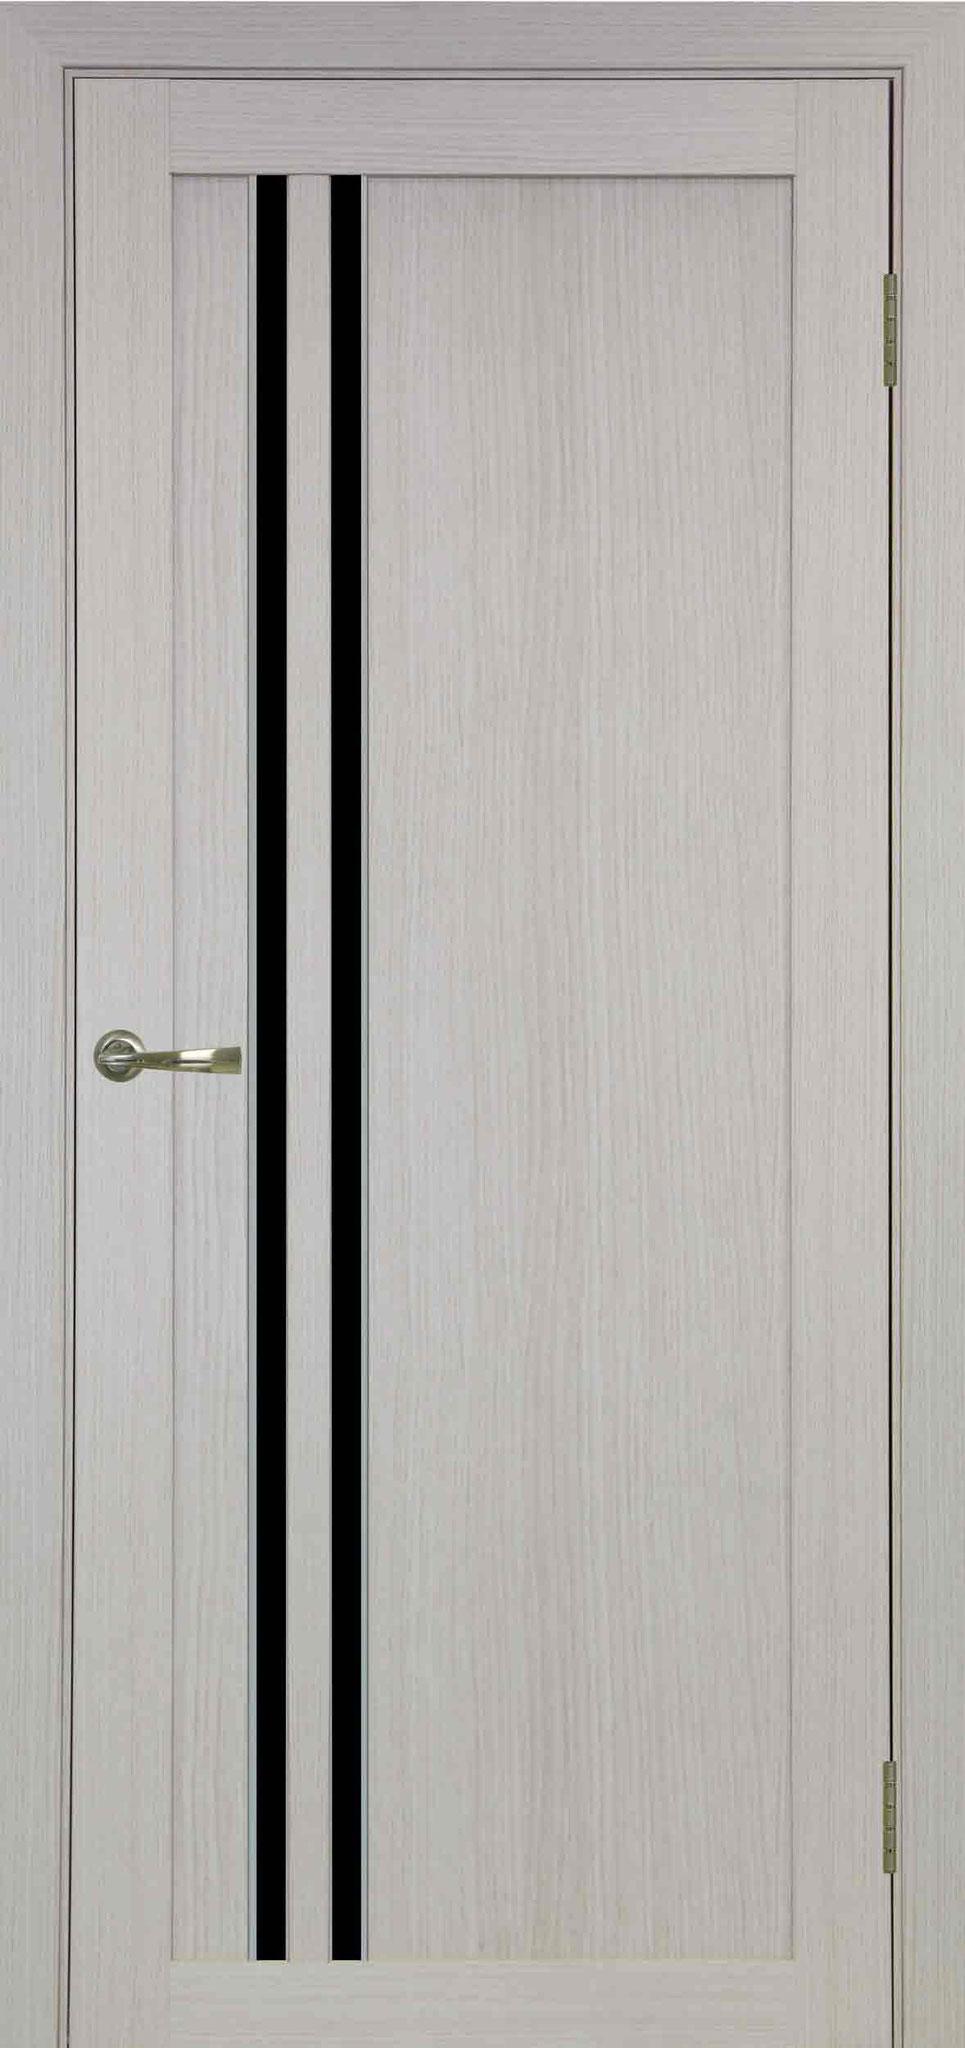 525 белёный дуб, АПС молдинг матовый хром, стекло LACOBEL чёрное